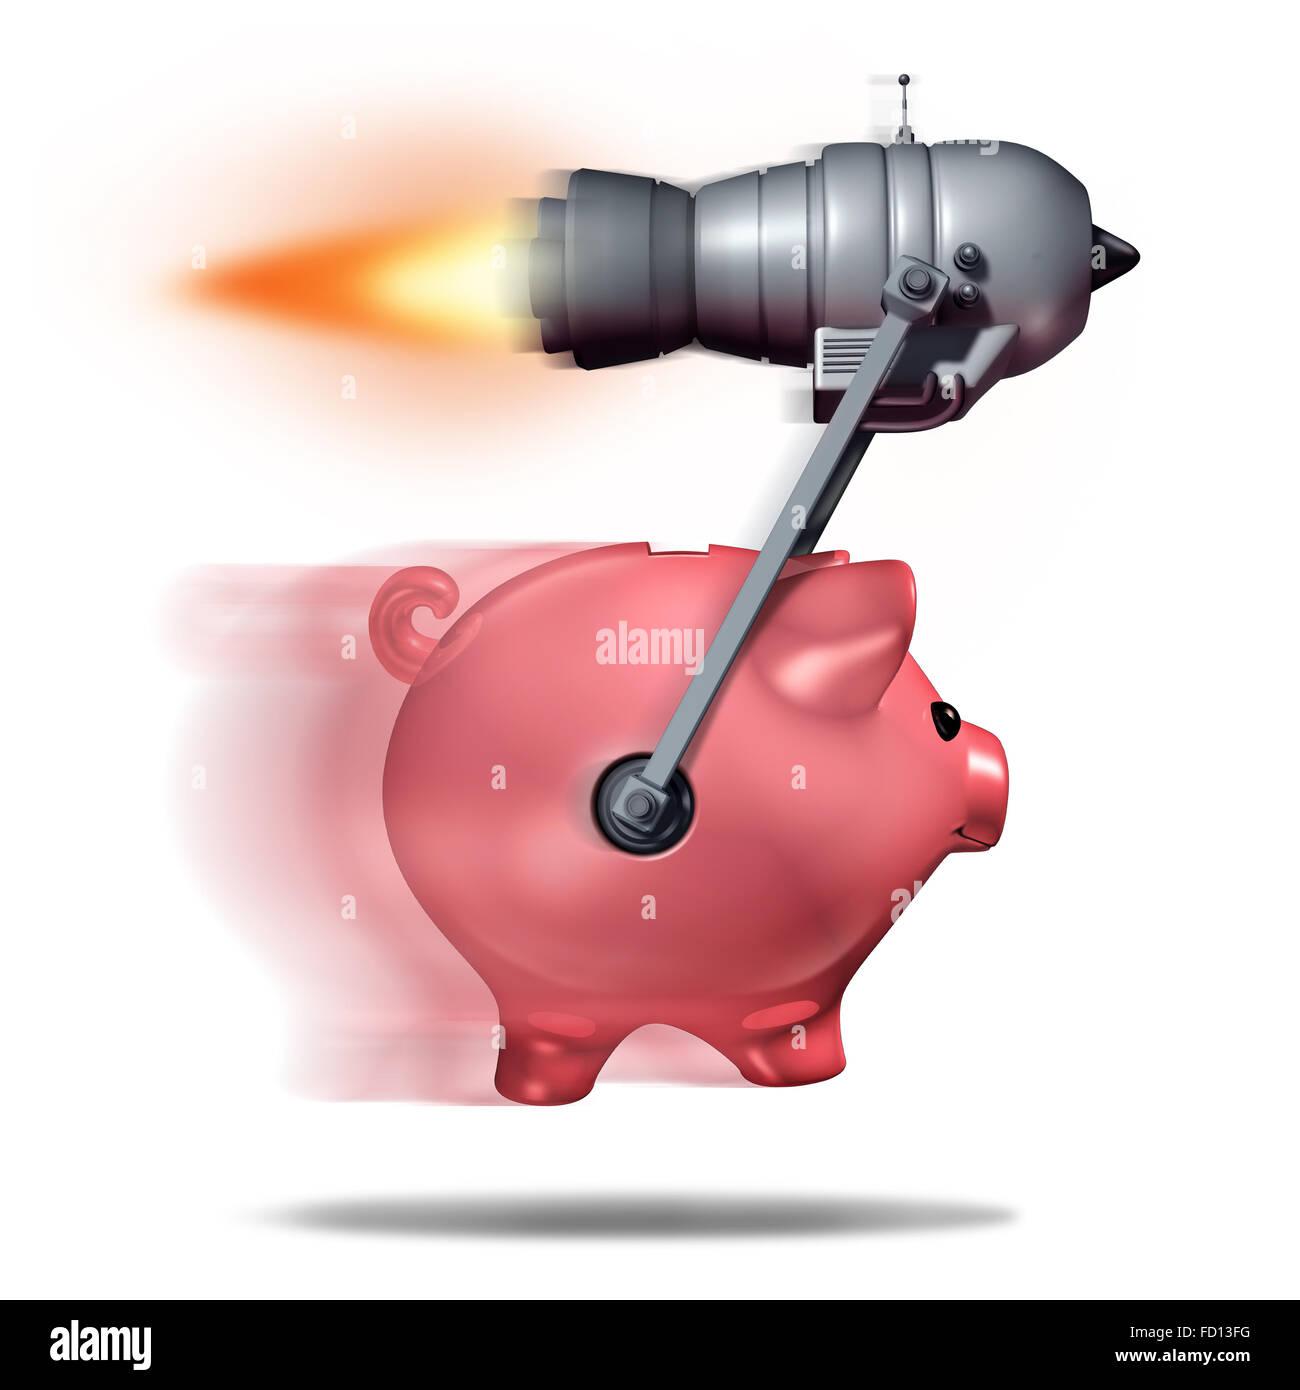 Schnell Bargeld-Konzept und Unternehmen Erfolg Symbol als ein Sparschwein, forciert durch eine Rakete Maschine als Stockbild